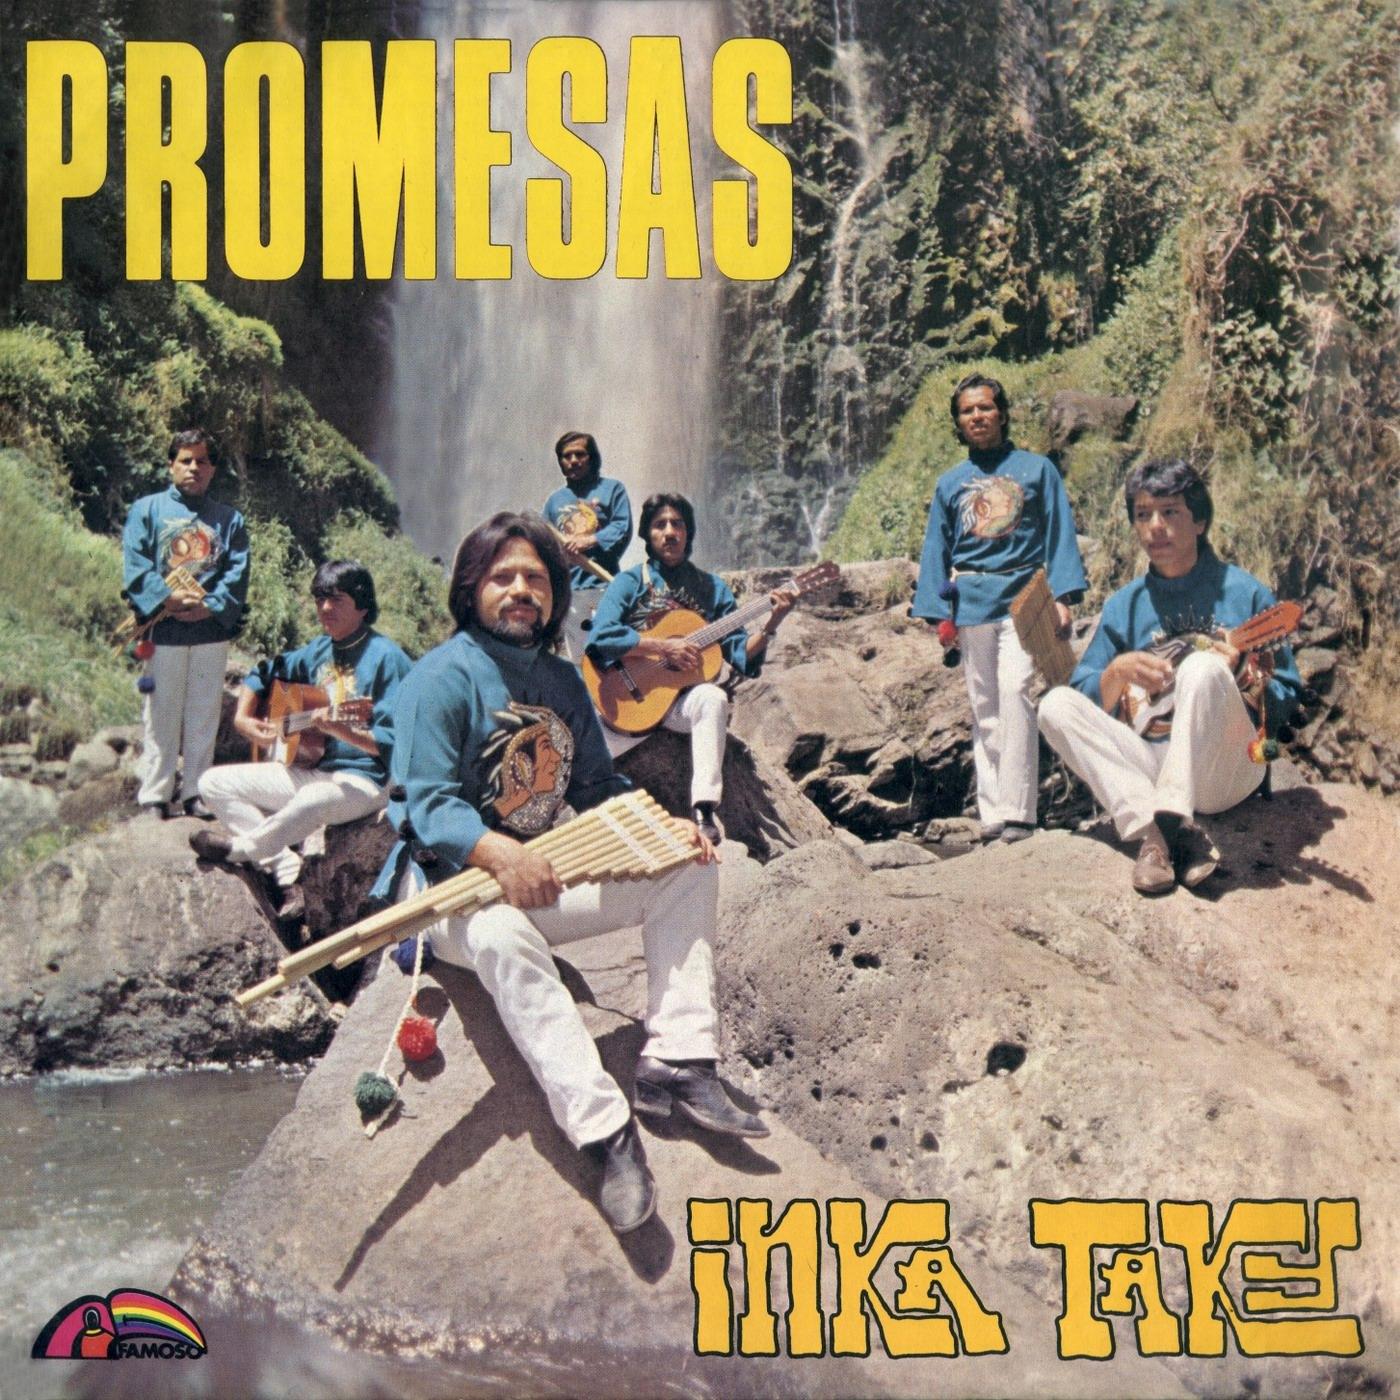 """Download Musik Taki Takit: Inka Taki """"Promesas"""""""